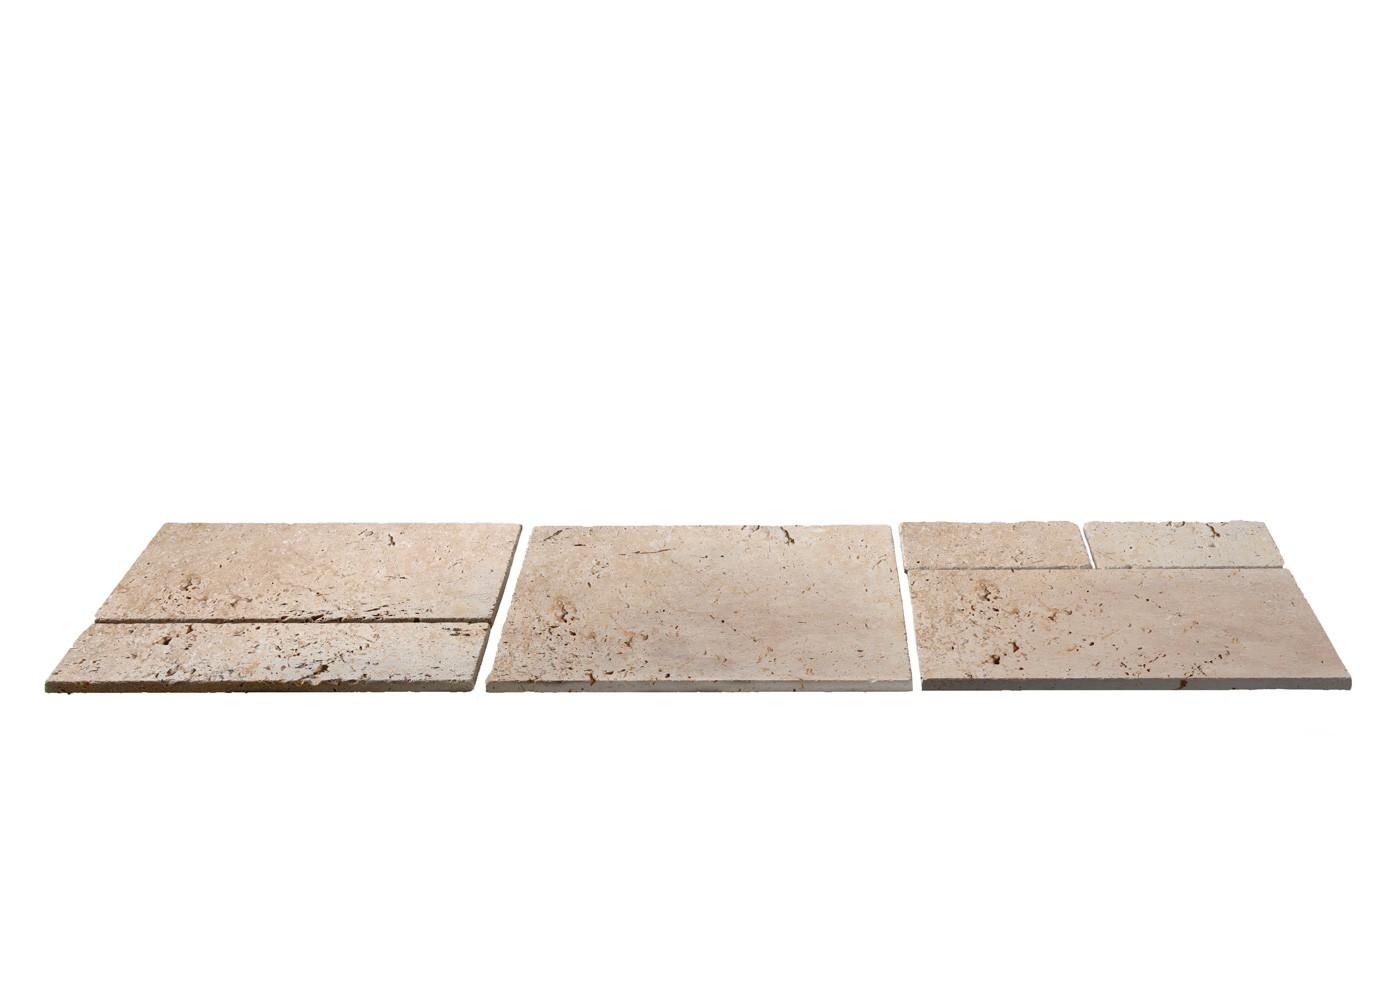 Comment Nettoyer Terrasse Pierre Naturelle dalles en pierre naturelle travertin ép. 1,2 cm, module de 0